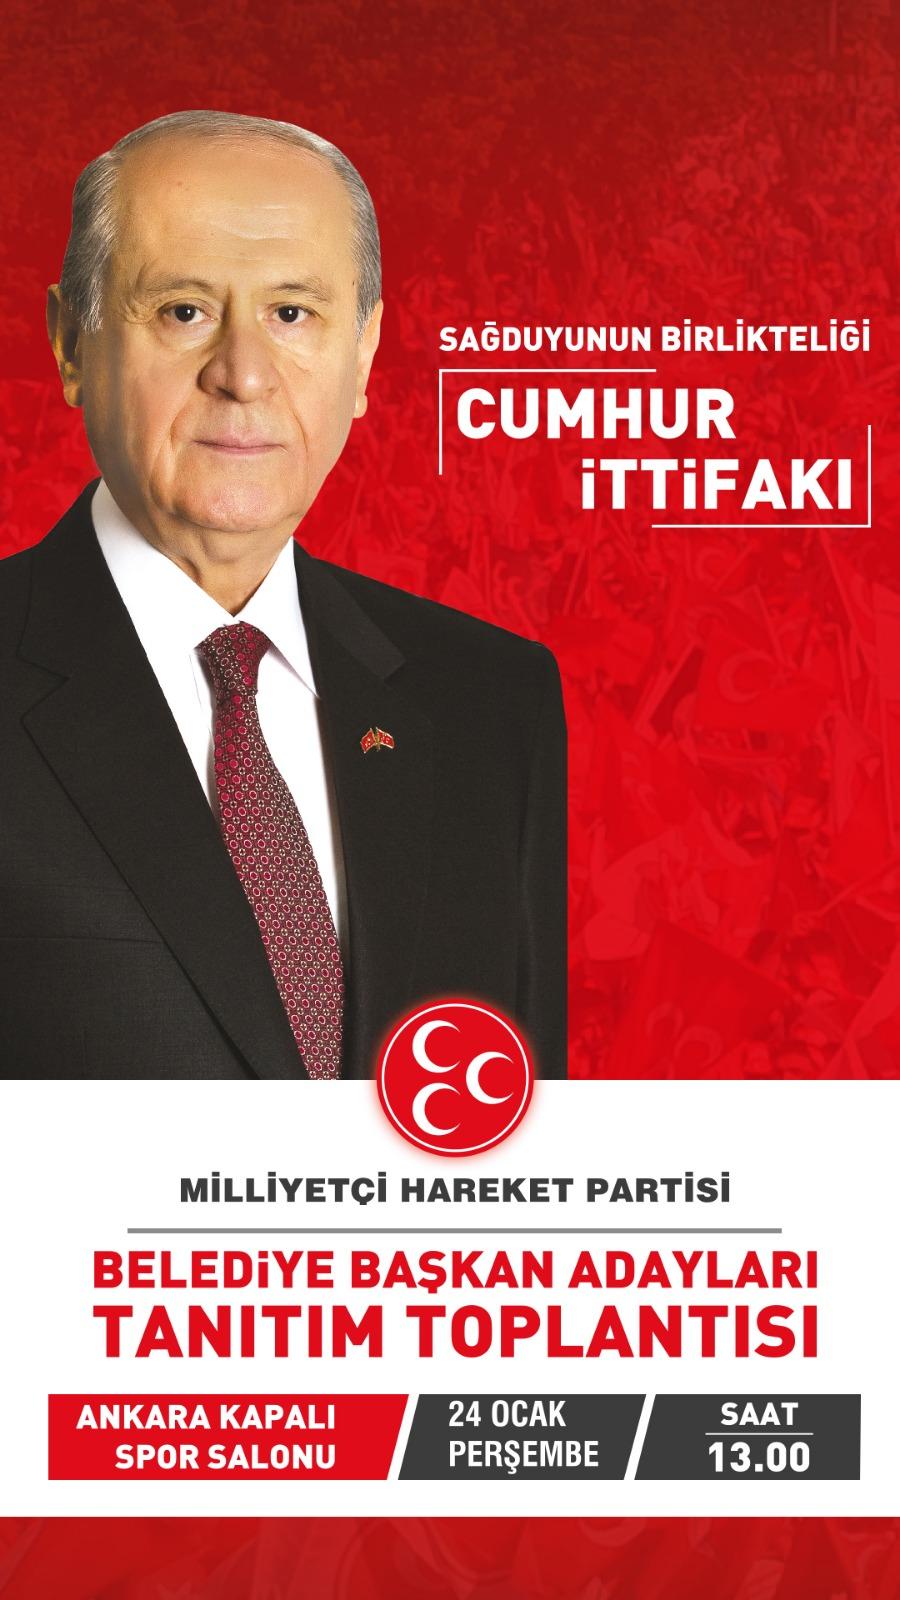 MHP Belediye Başkan Adayları Tanıtım Toplantısı - 24 Ocak Perşembe - Saat:13.00 Ankara Kapalı Spor Salonu